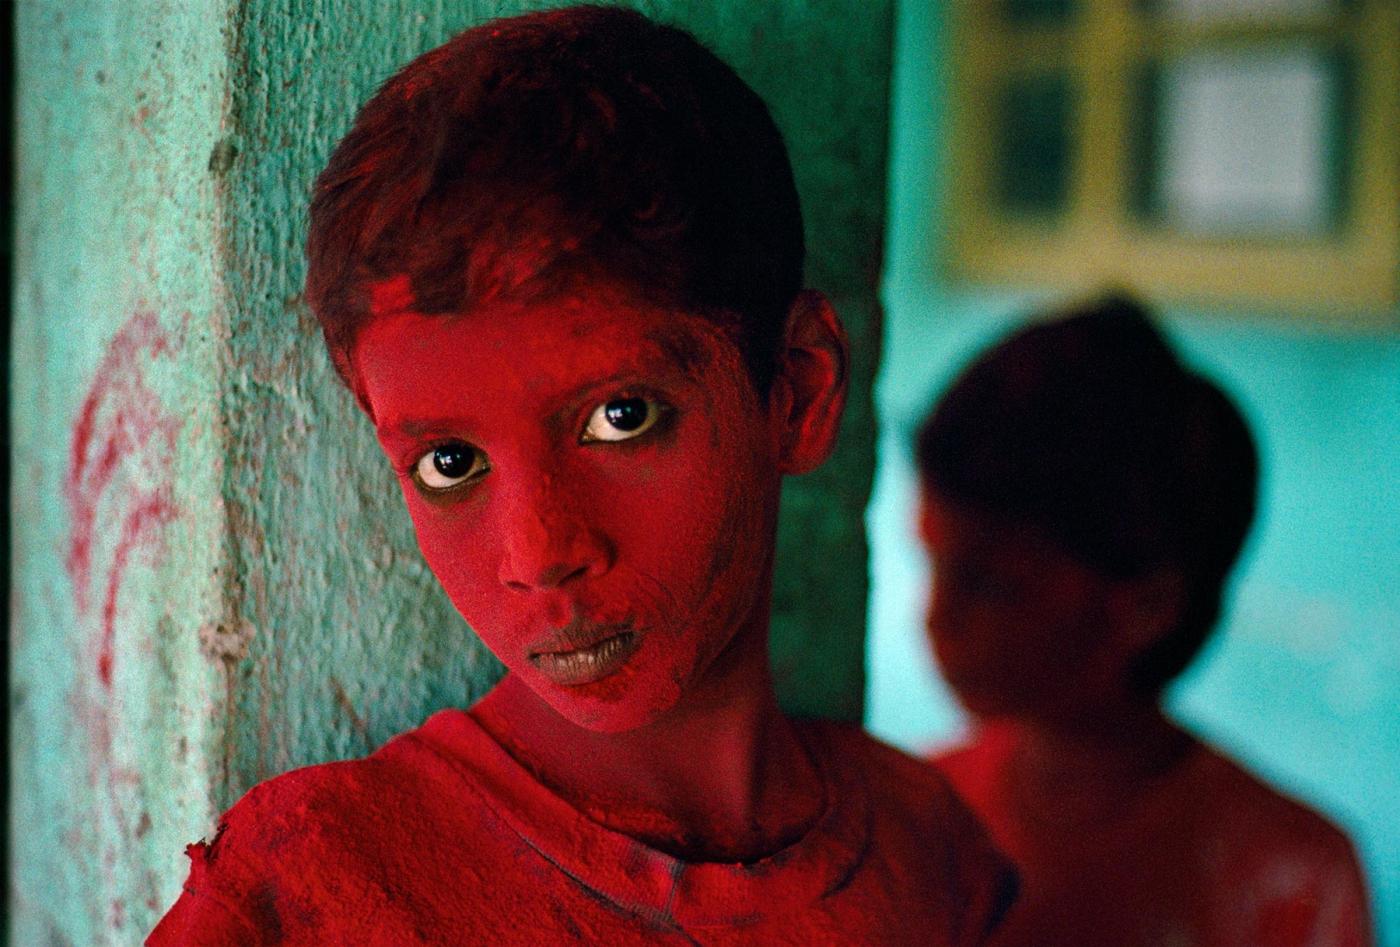 【攝影蟲】殿堂級的攝影記者 Steve McCurry_图1-12